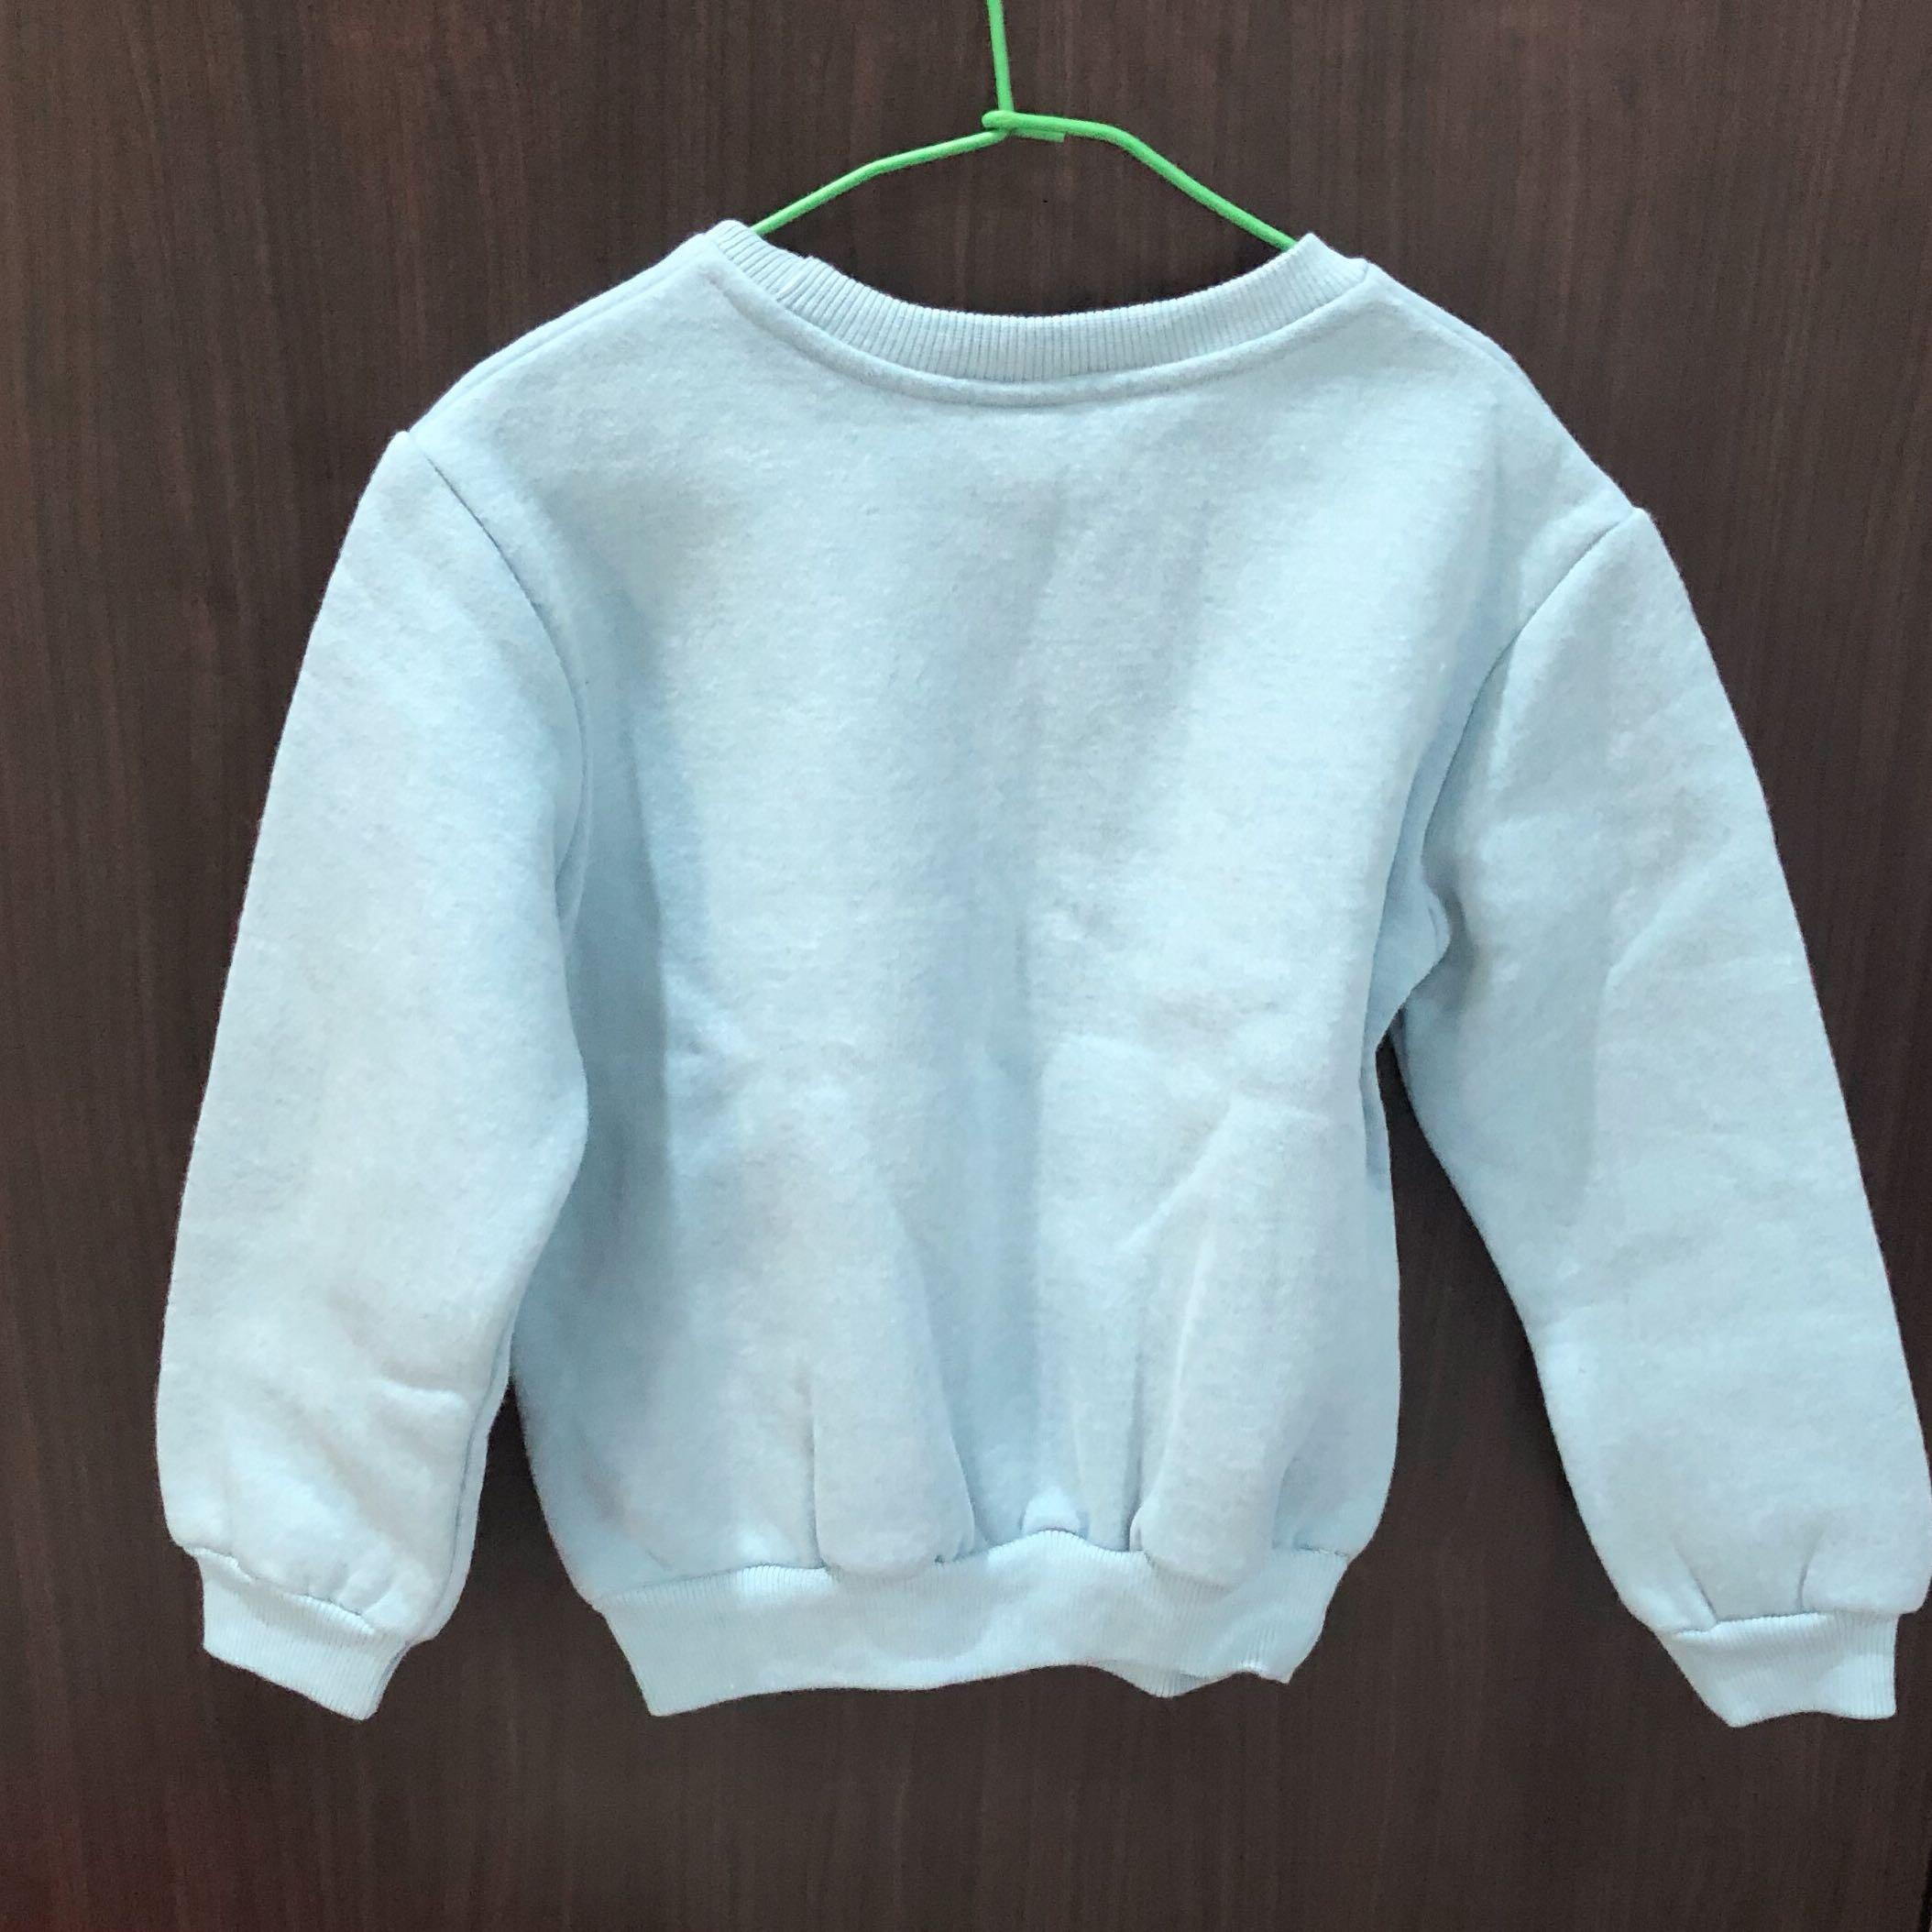 【全新】韓版 棉質 藍色 圓領刷毛長袖上衣 9號